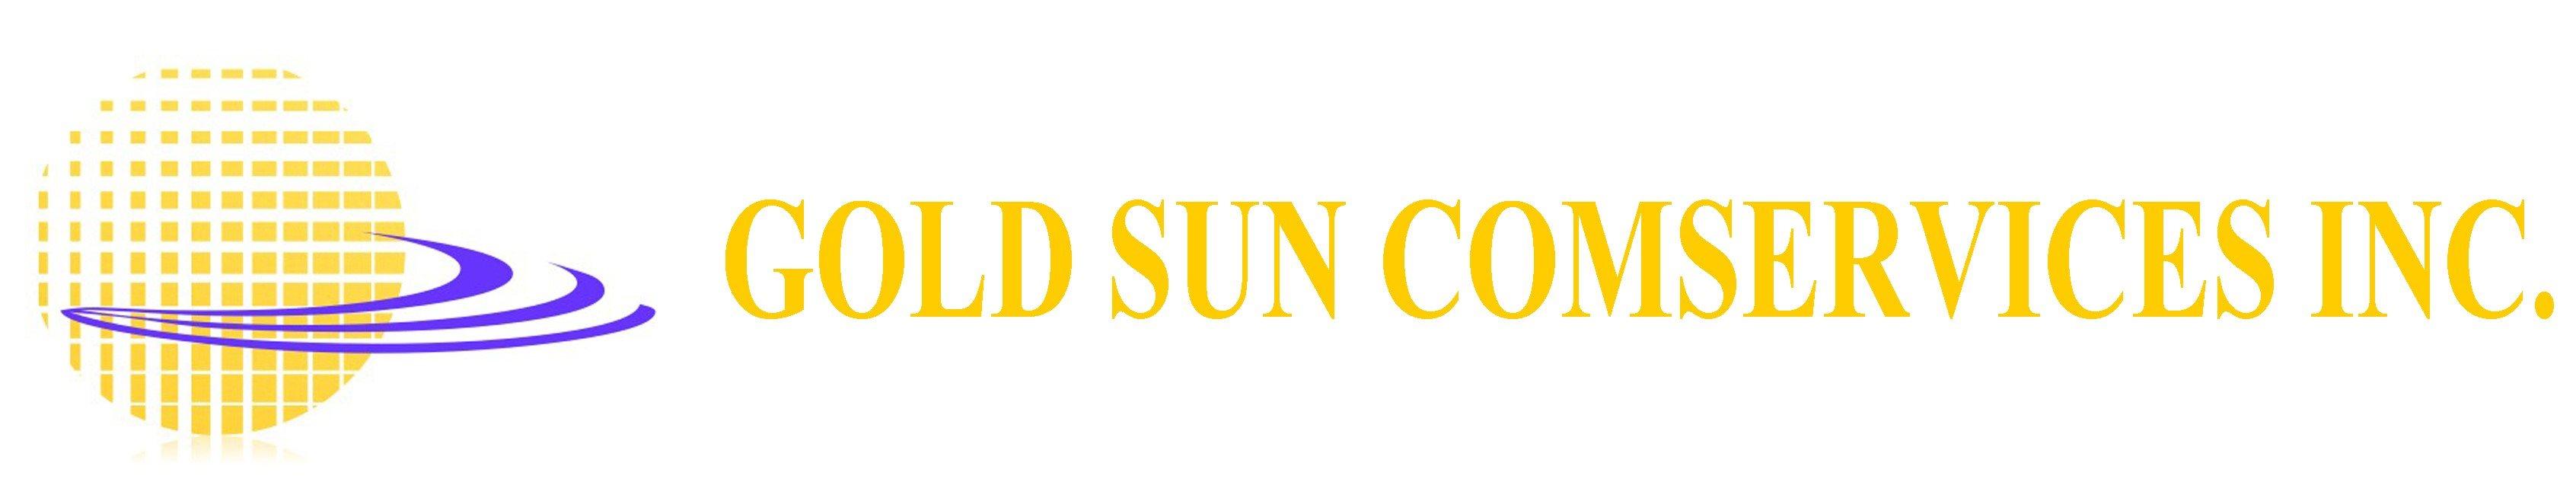 Gold Sun Comservices Inc.